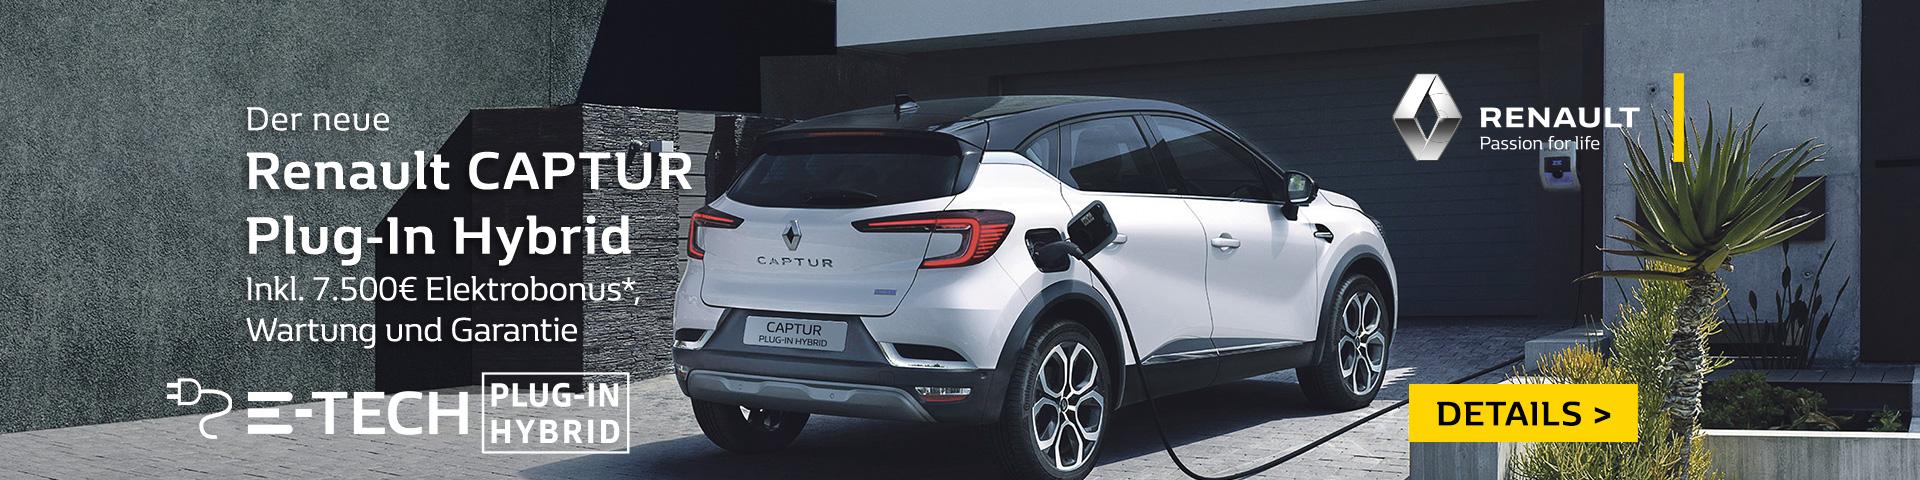 Autozentrum P&A Renault Captur Hybrid